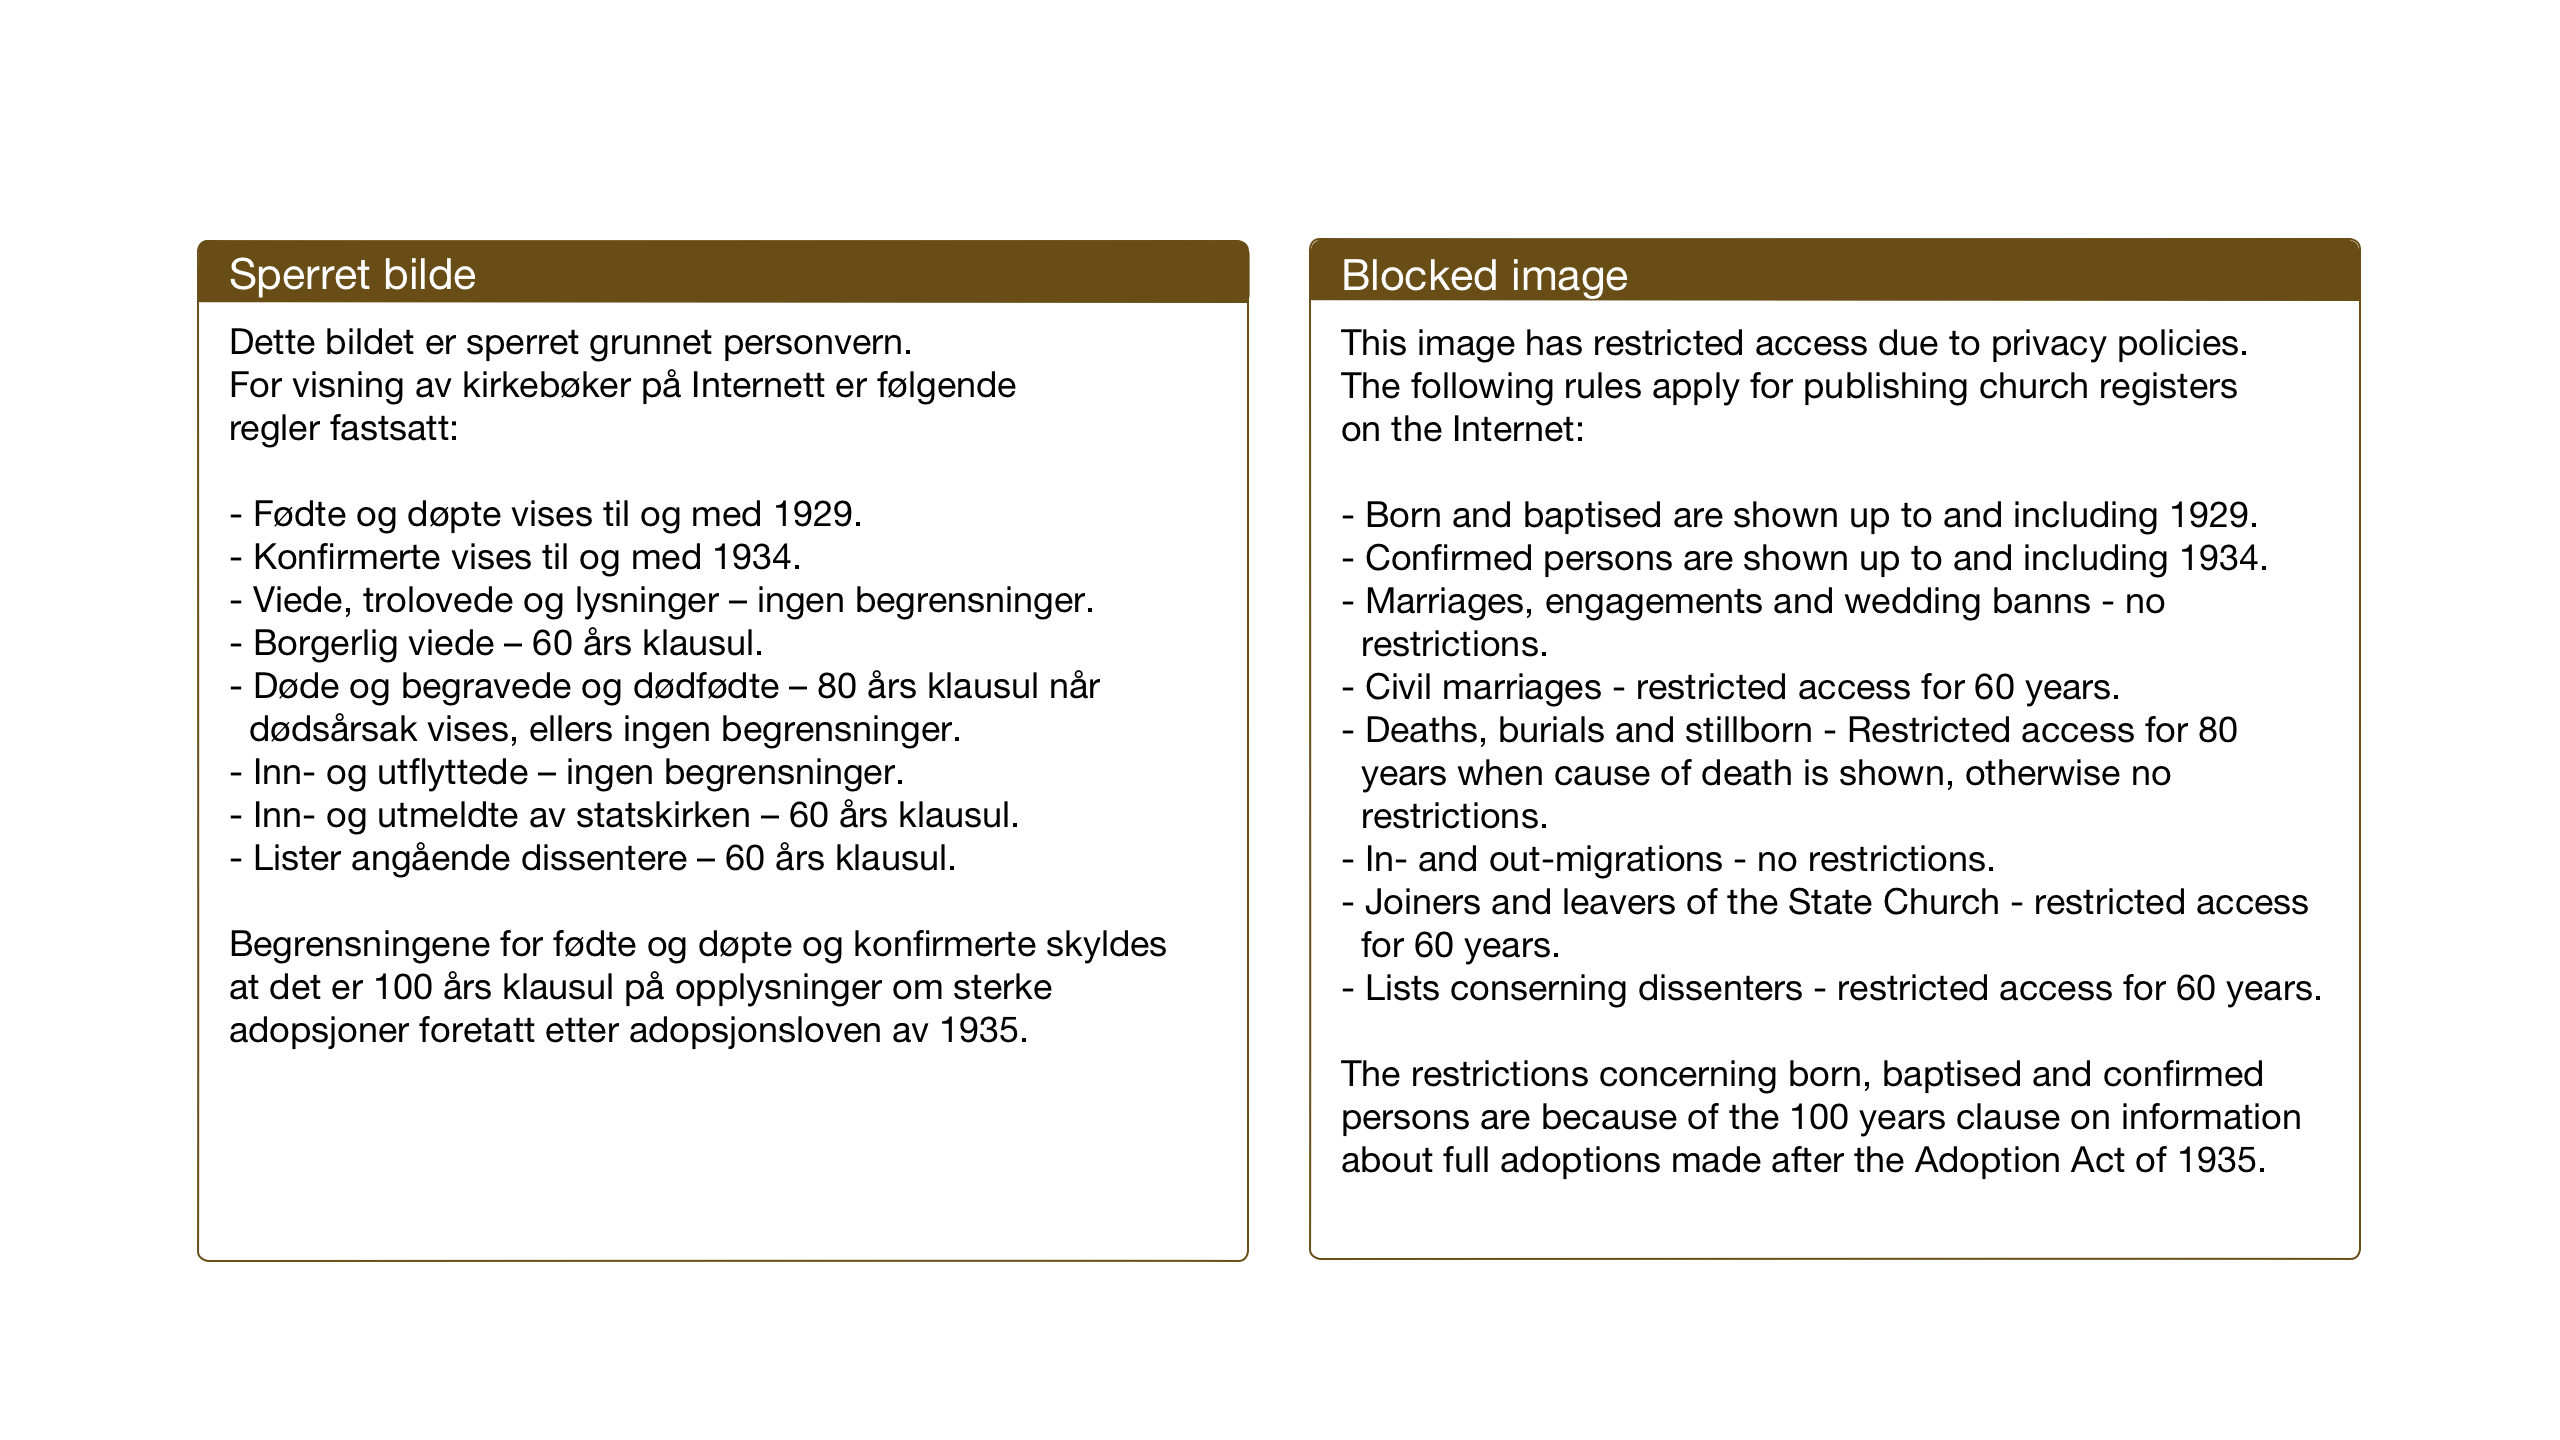 SAT, Ministerialprotokoller, klokkerbøker og fødselsregistre - Sør-Trøndelag, 670/L0837: Klokkerbok nr. 670C01, 1905-1946, s. 144-145